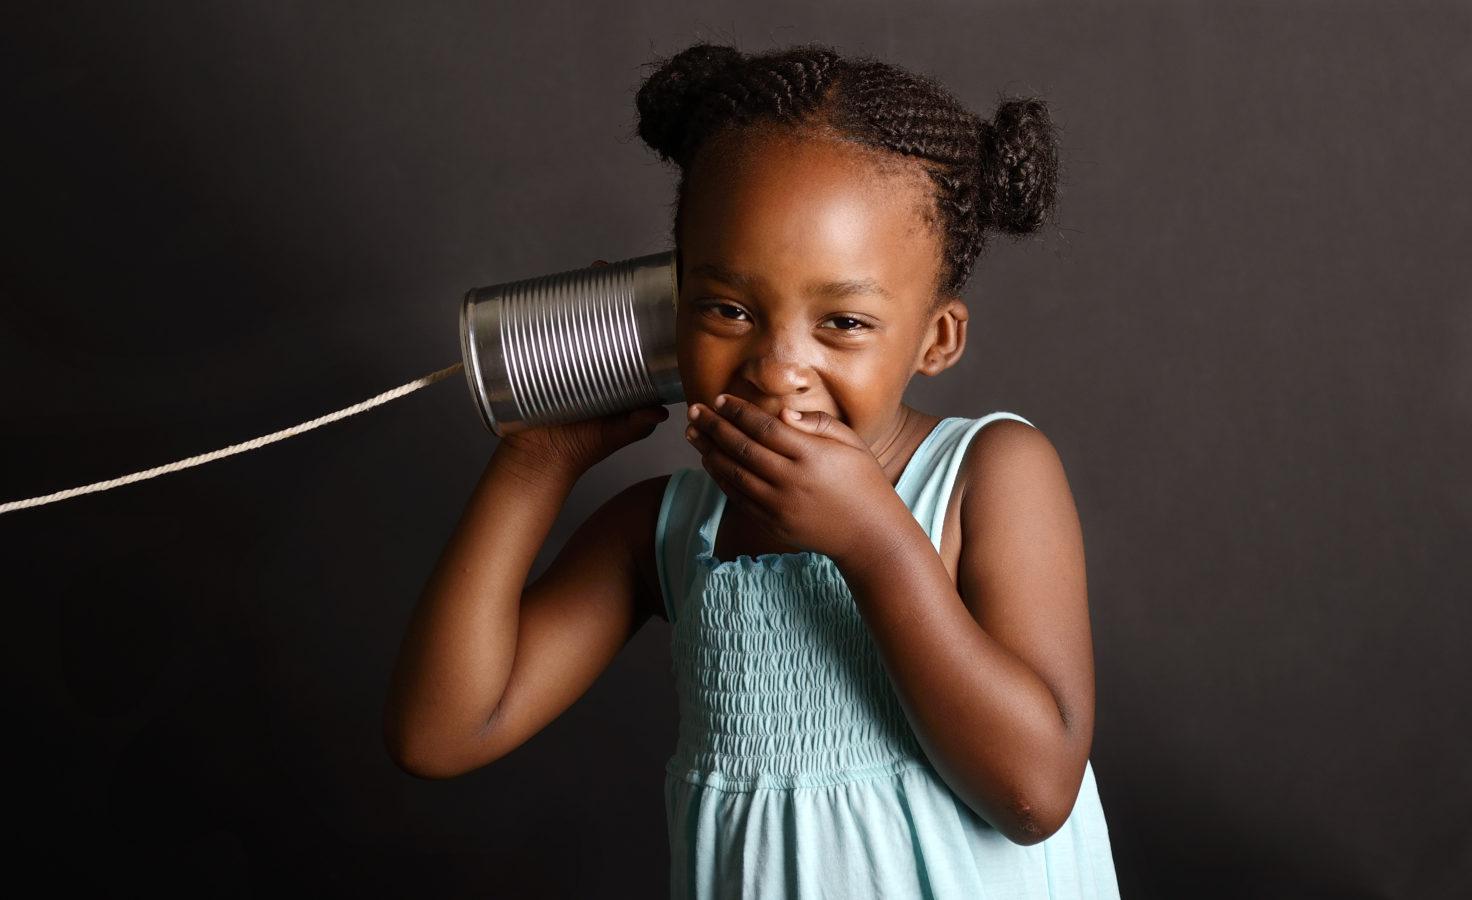 Comment faites-vous pour communiquer plus efficacement dans un monde en mouvement ? Par Paul Doy